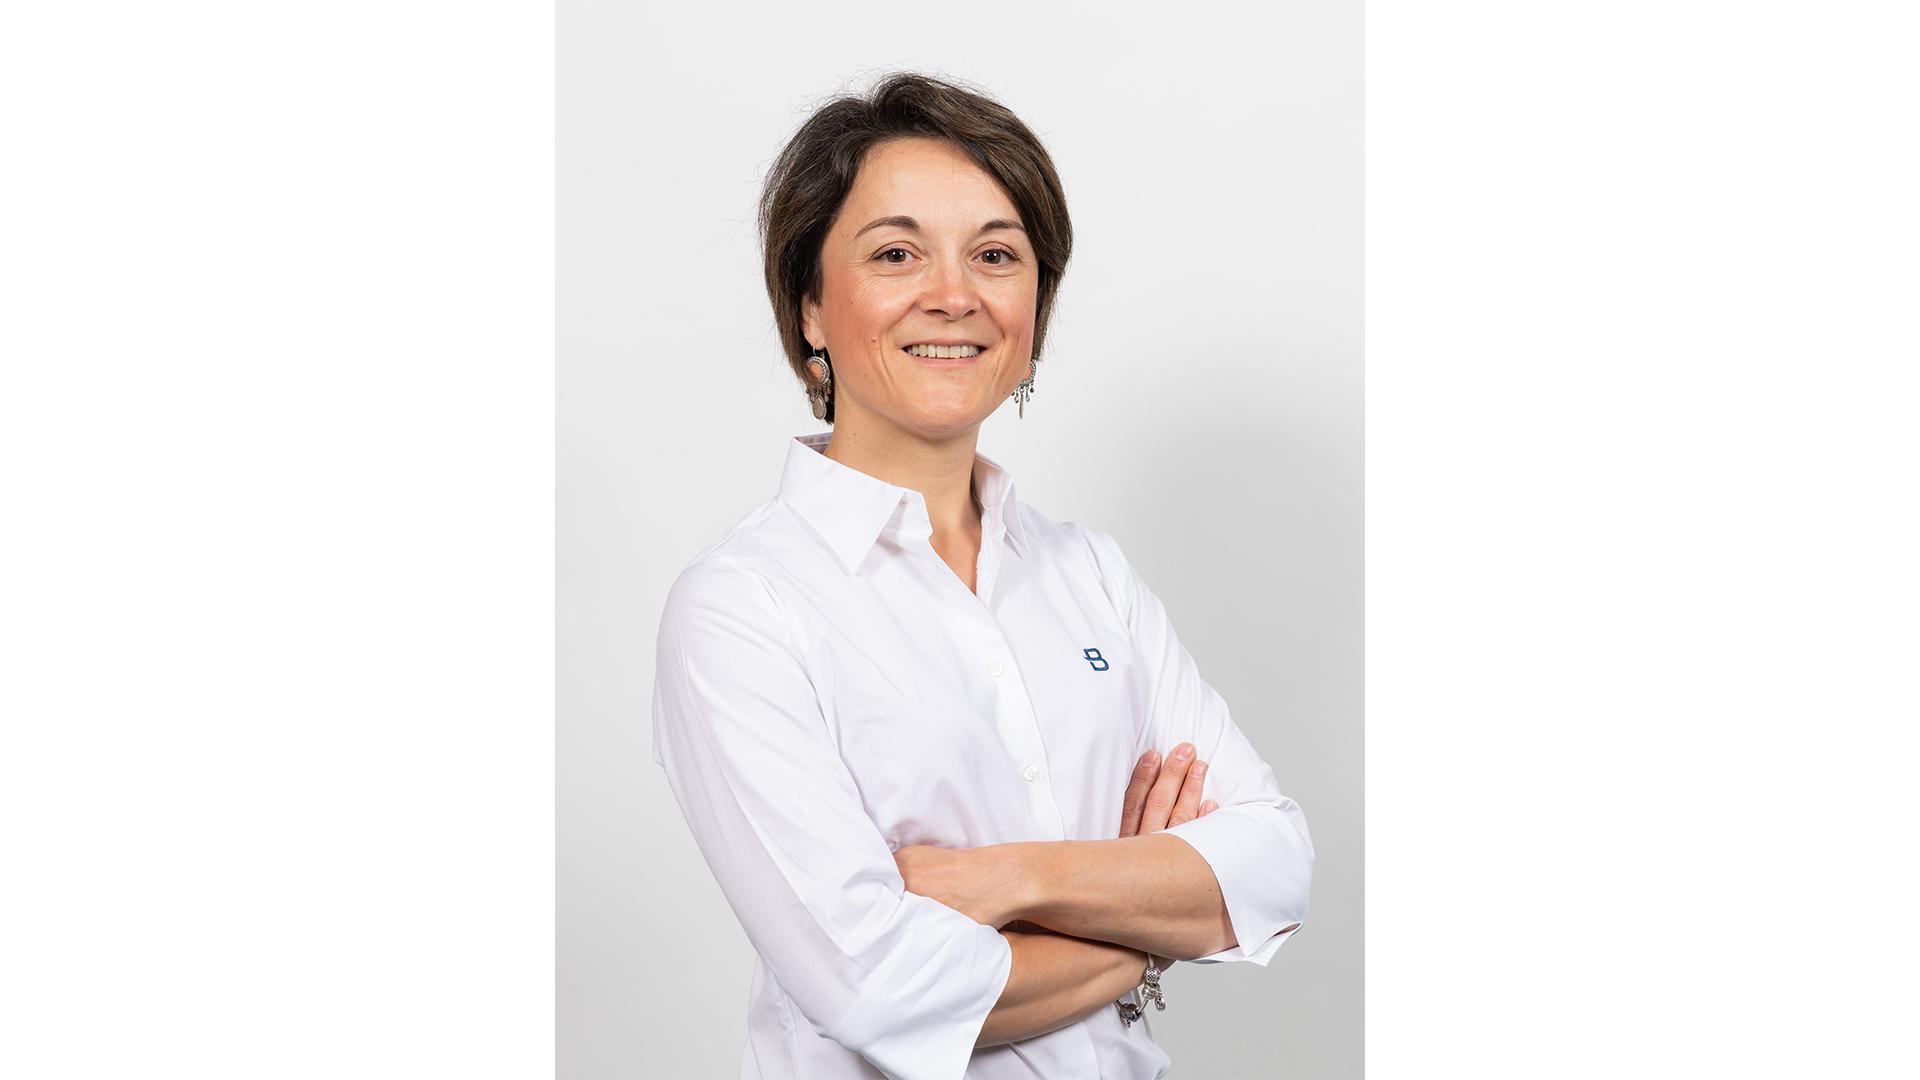 Femme portrait photographe pro Geneve